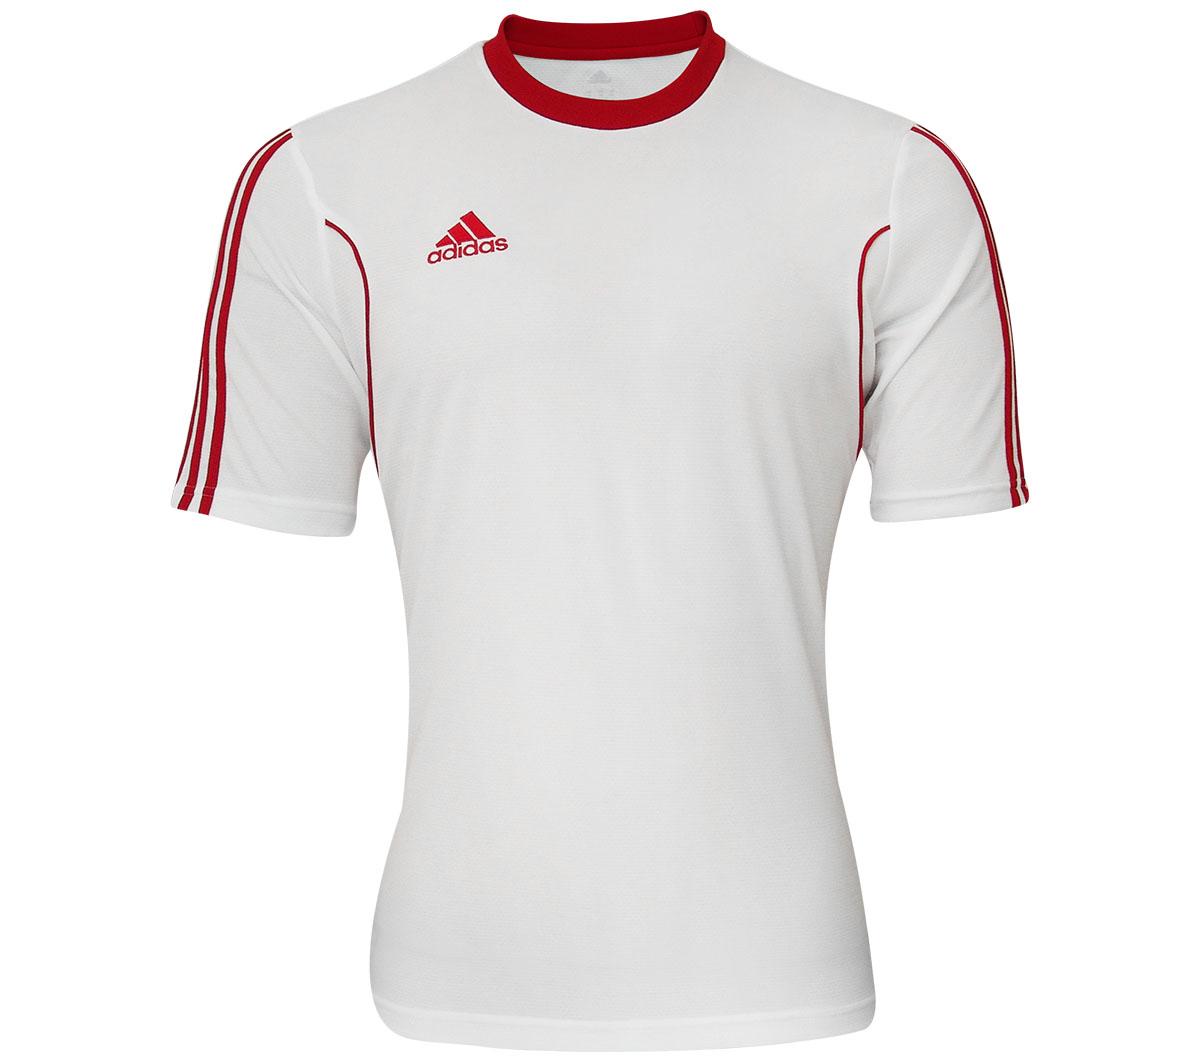 306a2d790e Camisa Adidas Squadra 13 Branca e Vermelha - Mundo do Futebol